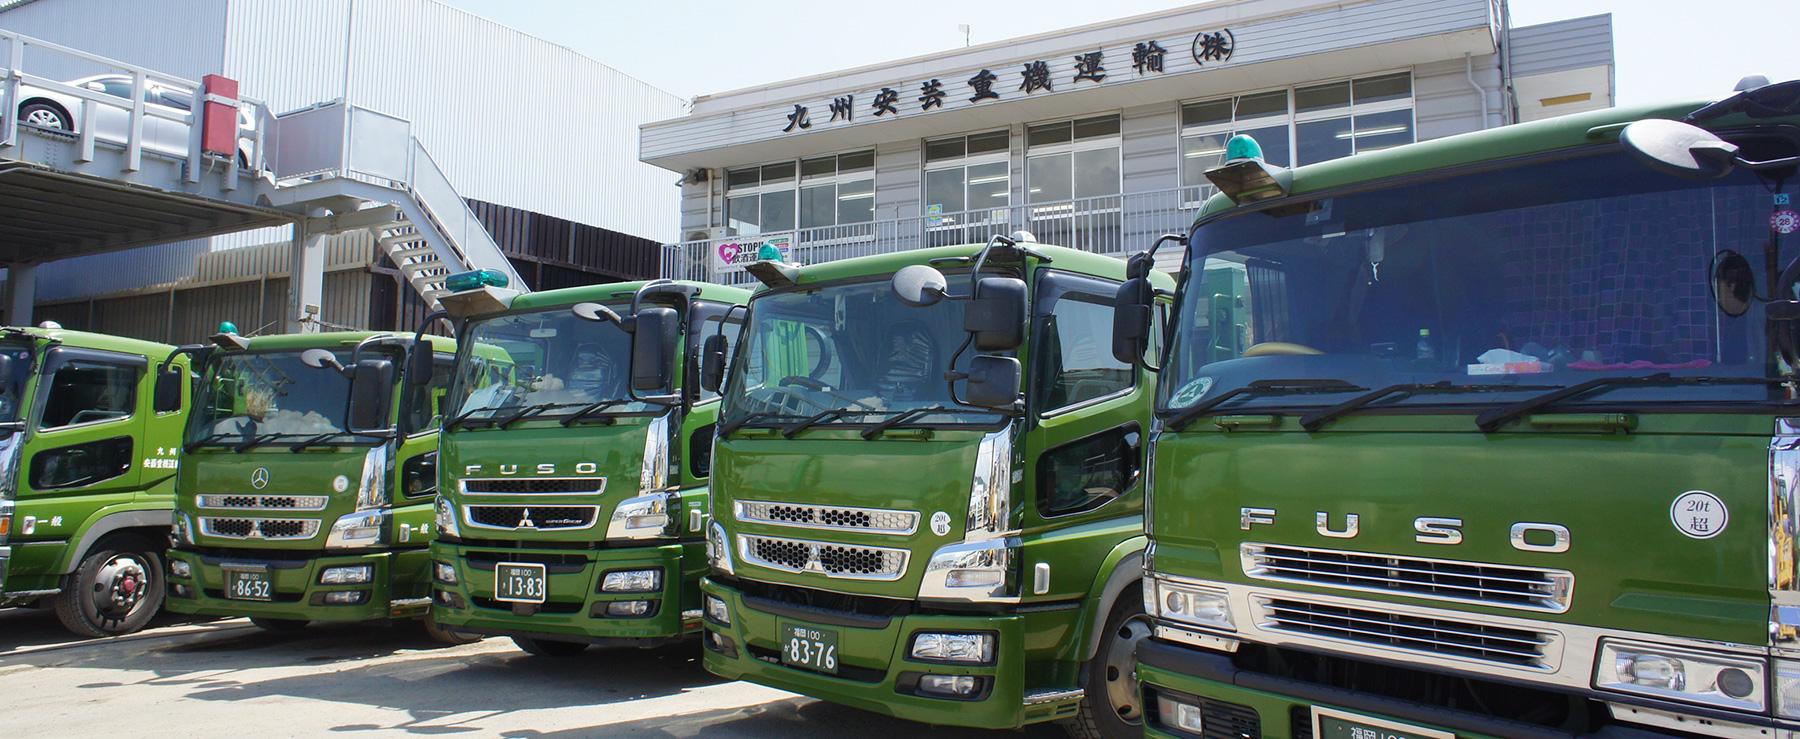 九州安芸重機運輸株式会社